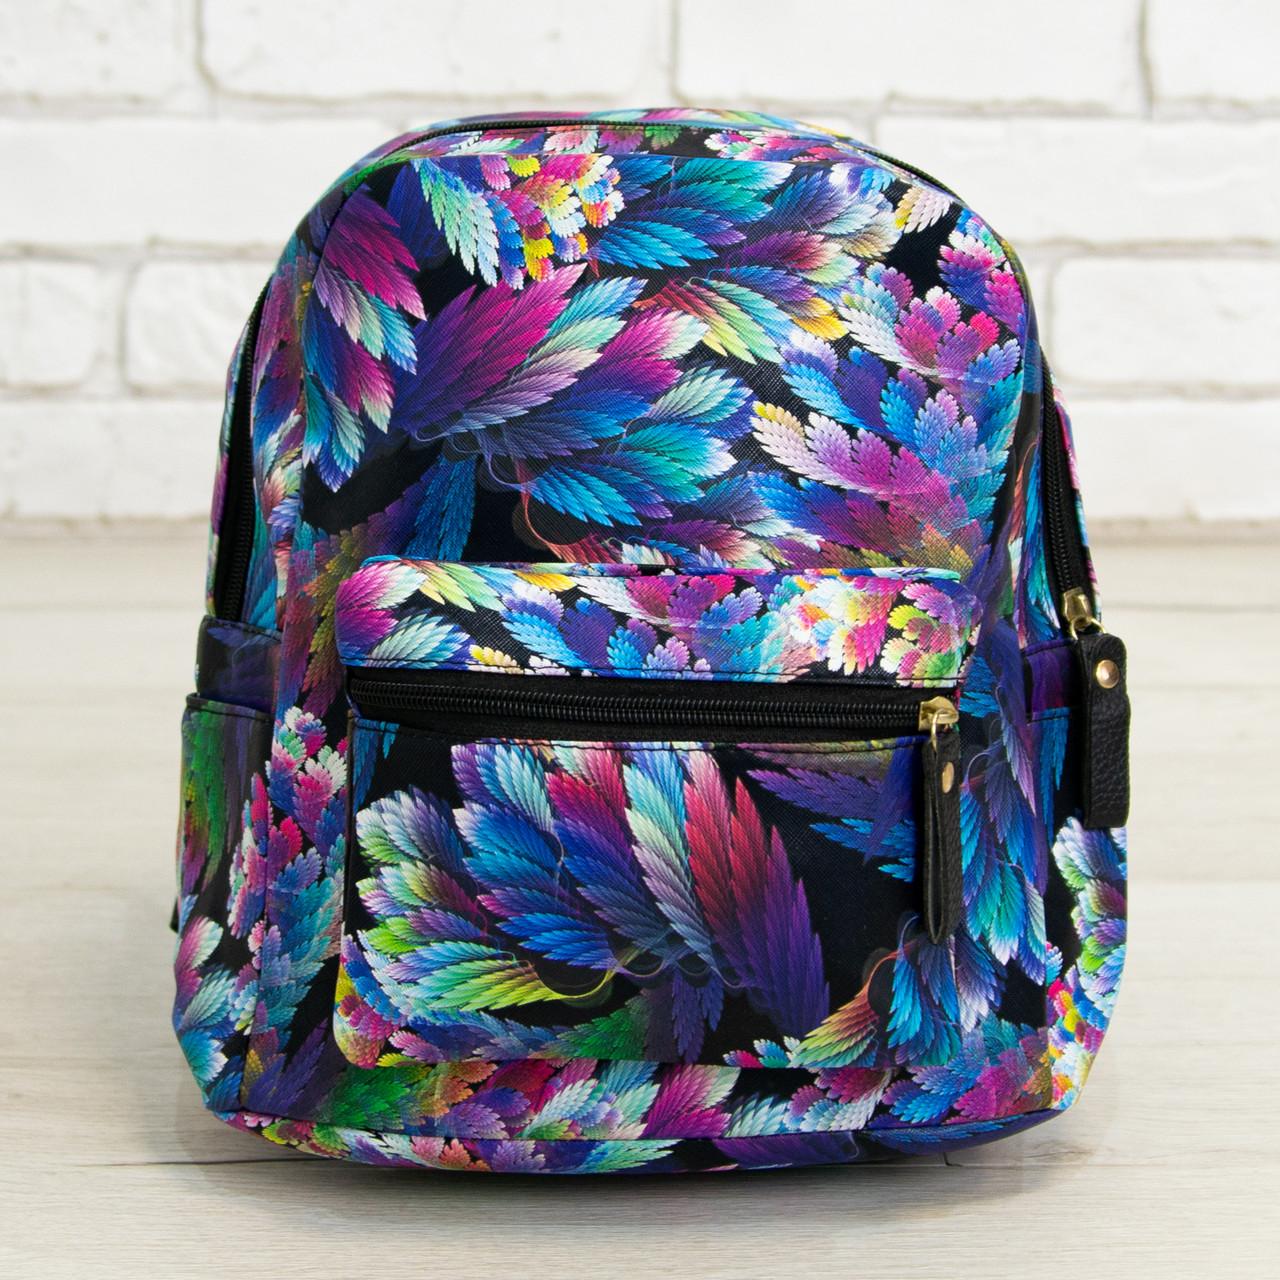 Оптом красивый модный и практичный рюкзак со стильным принтом (арт. 30-3202)